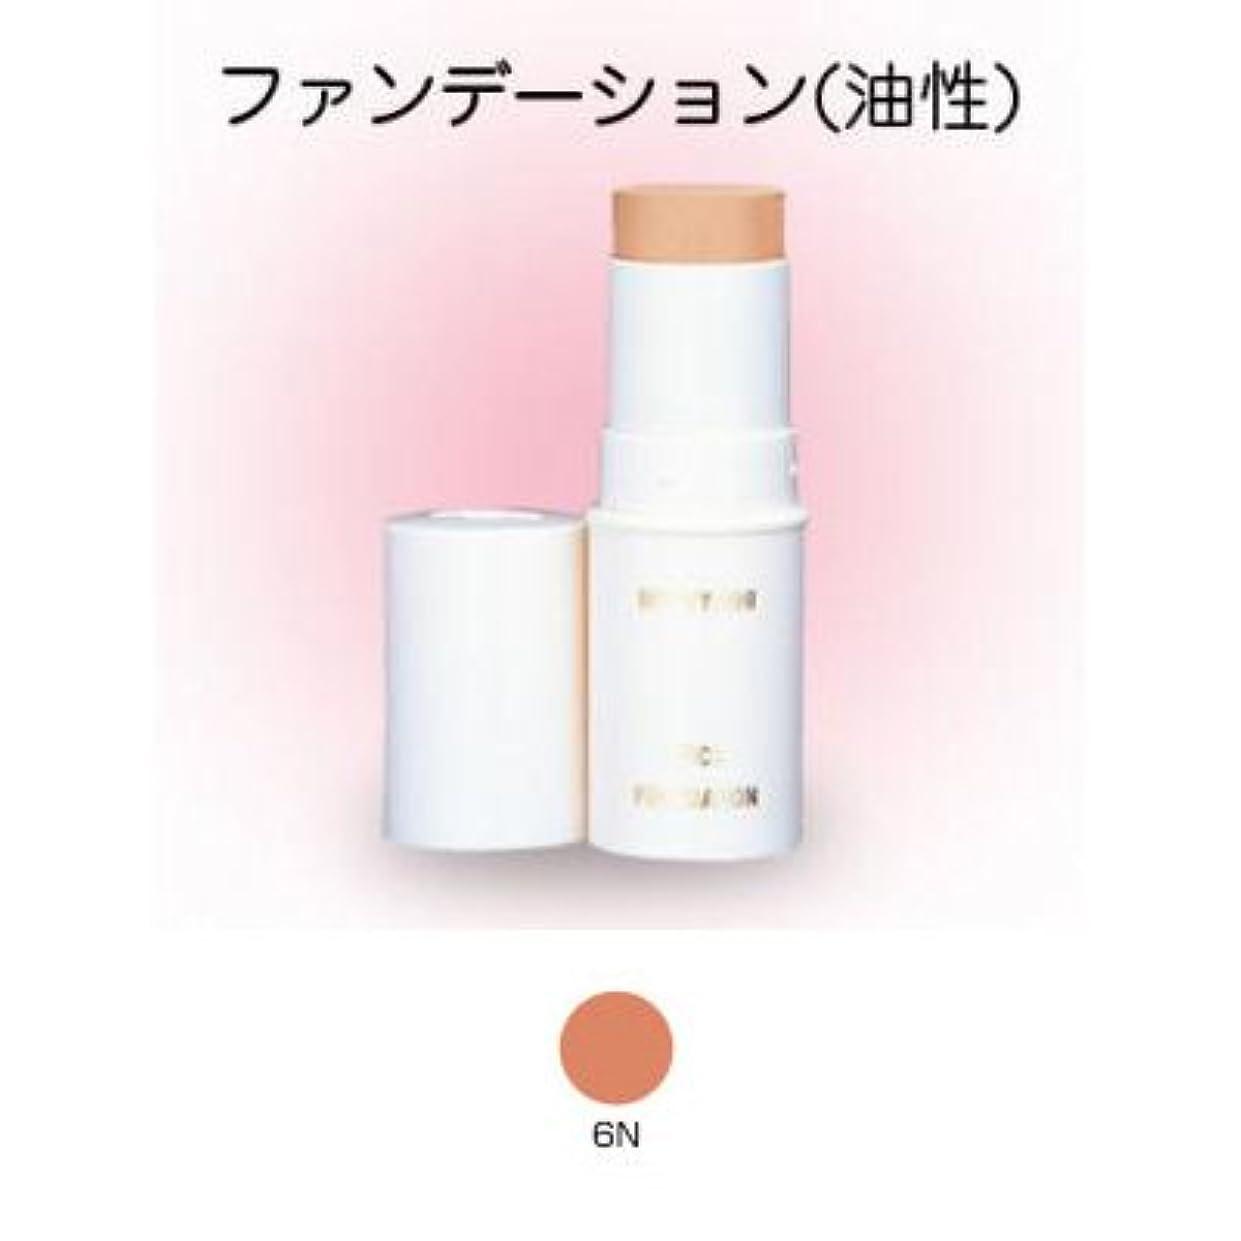 国際幻想的反響するスティックファンデーション 16g 6N 【三善】